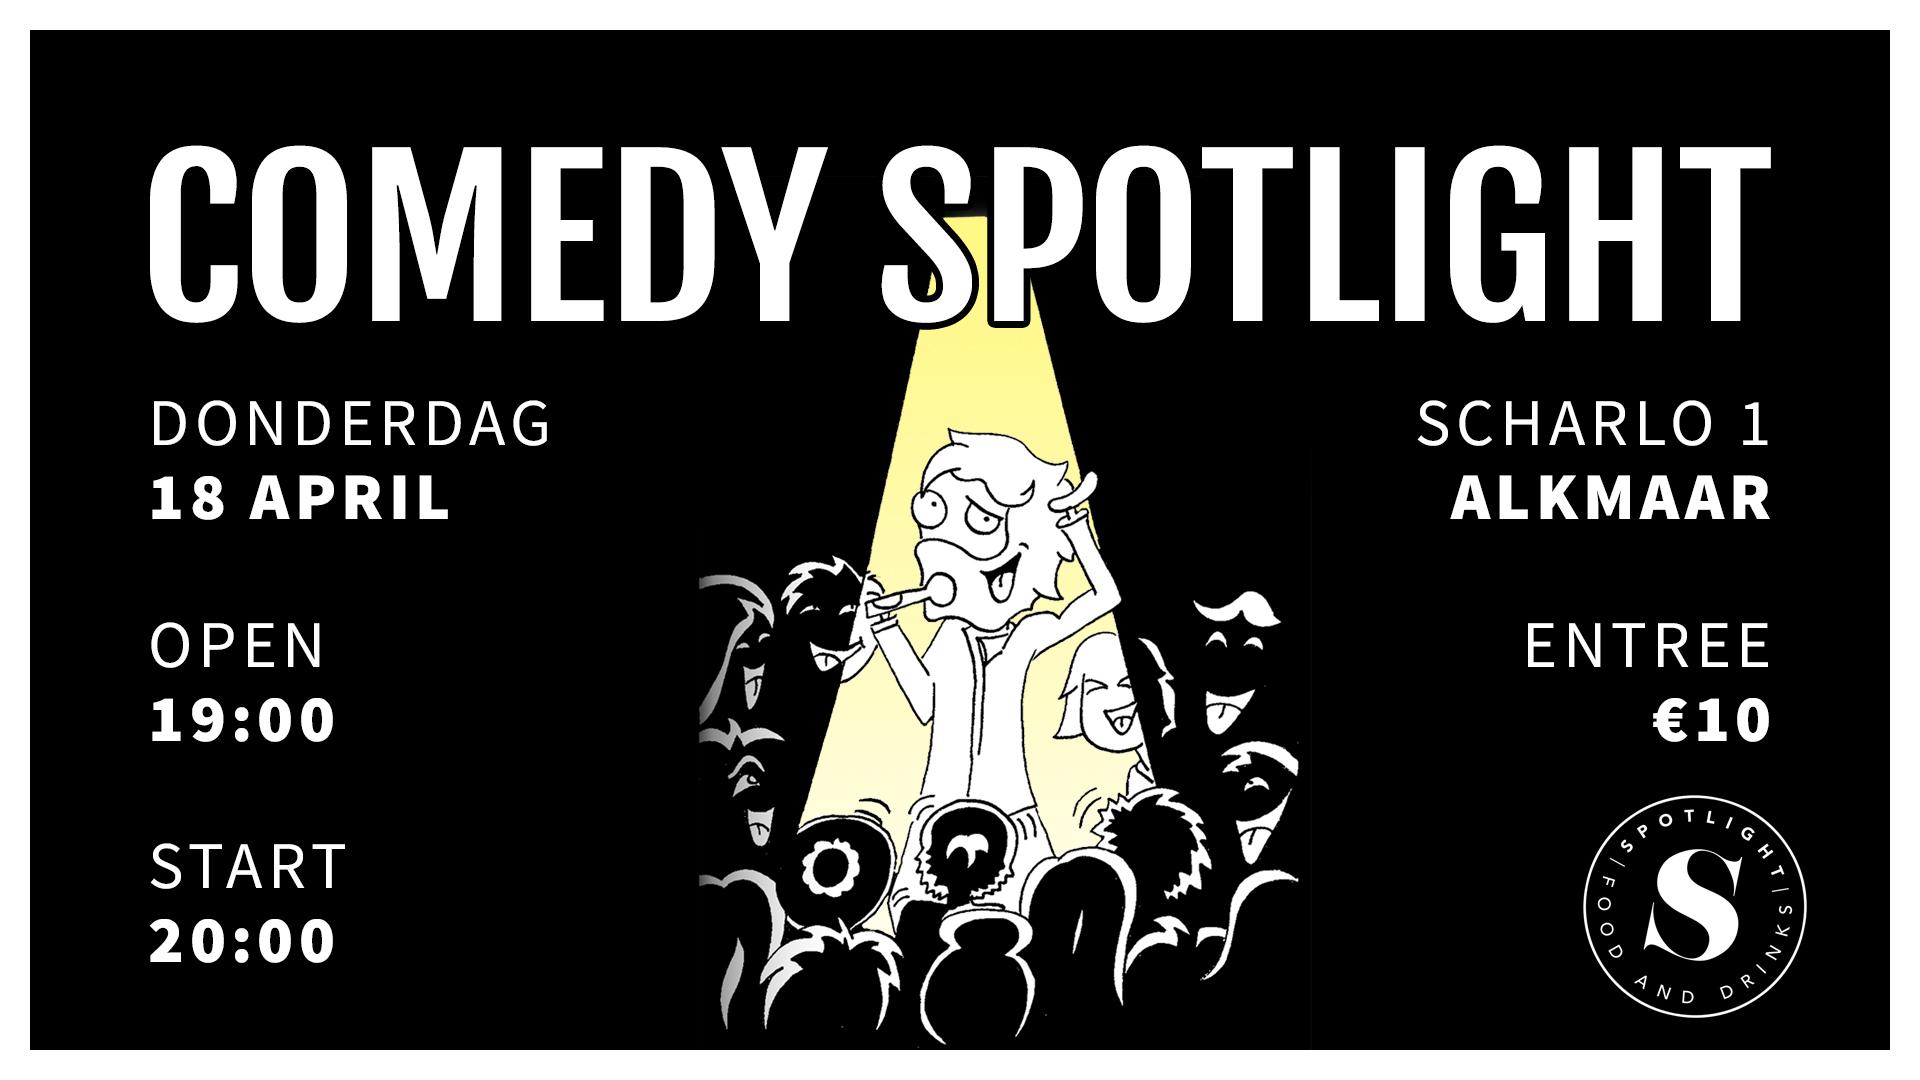 Ticket kopen voor evenement Comedy Spotlight Alkmaar II